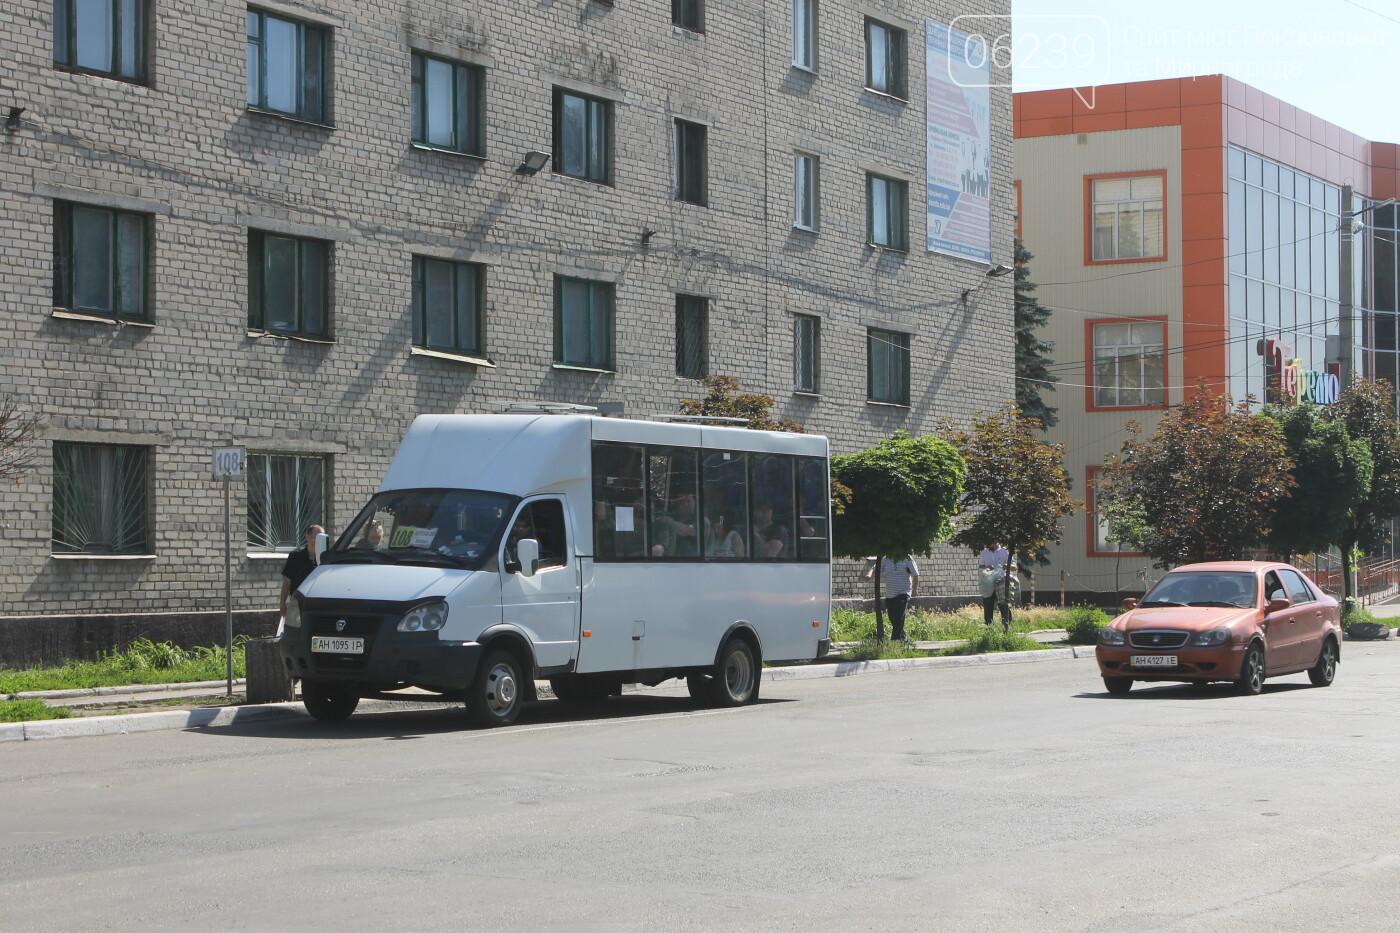 Сегодня в Покровске повысились тарифы на проезд в маршрутках, фото-3